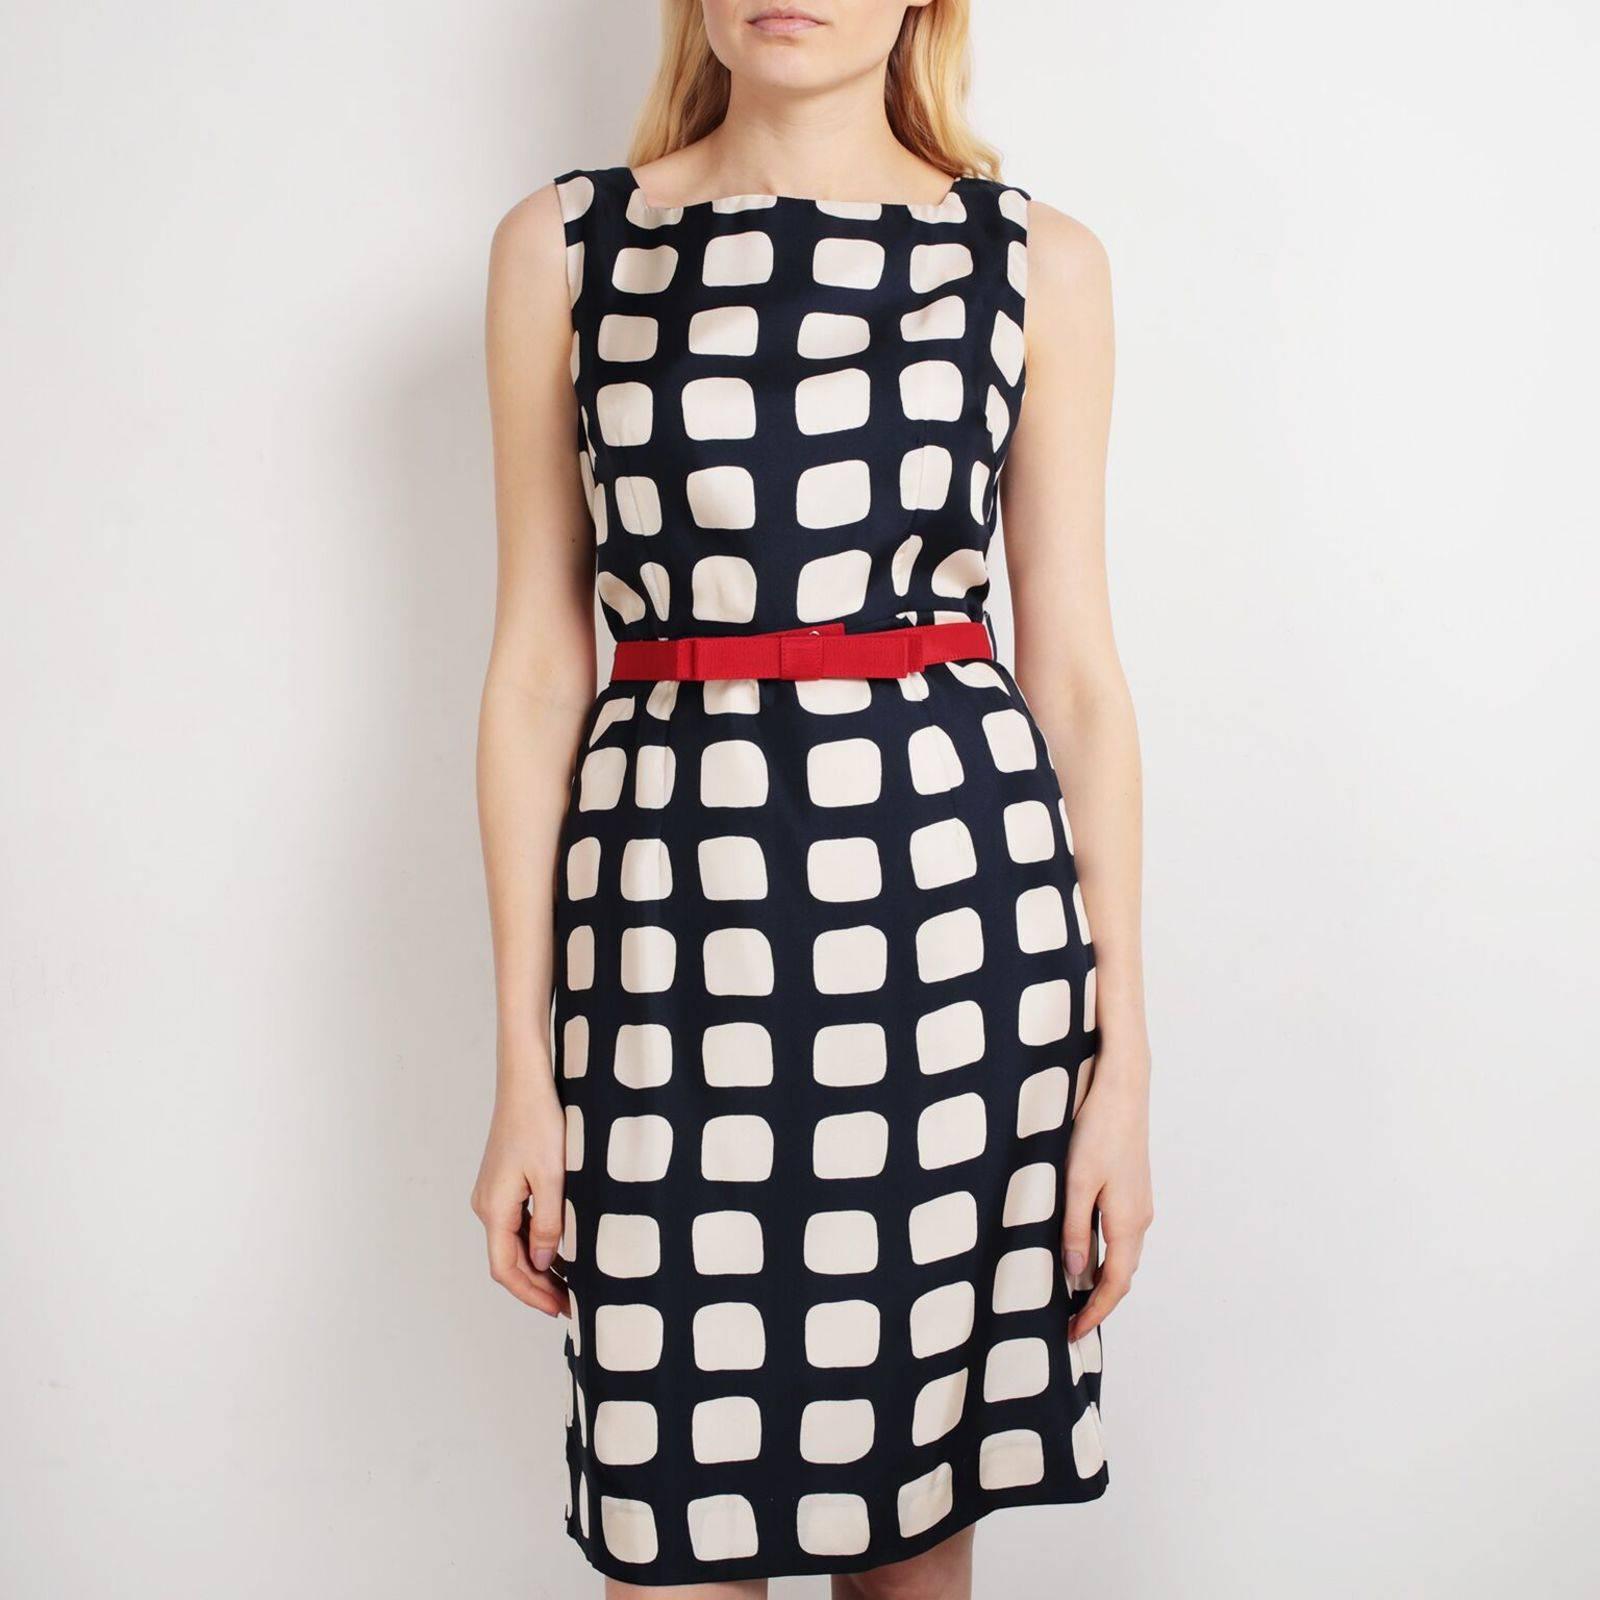 1ec2f1201ad Купить платье Milly в Москве с доставкой по цене 4200 рублей ...